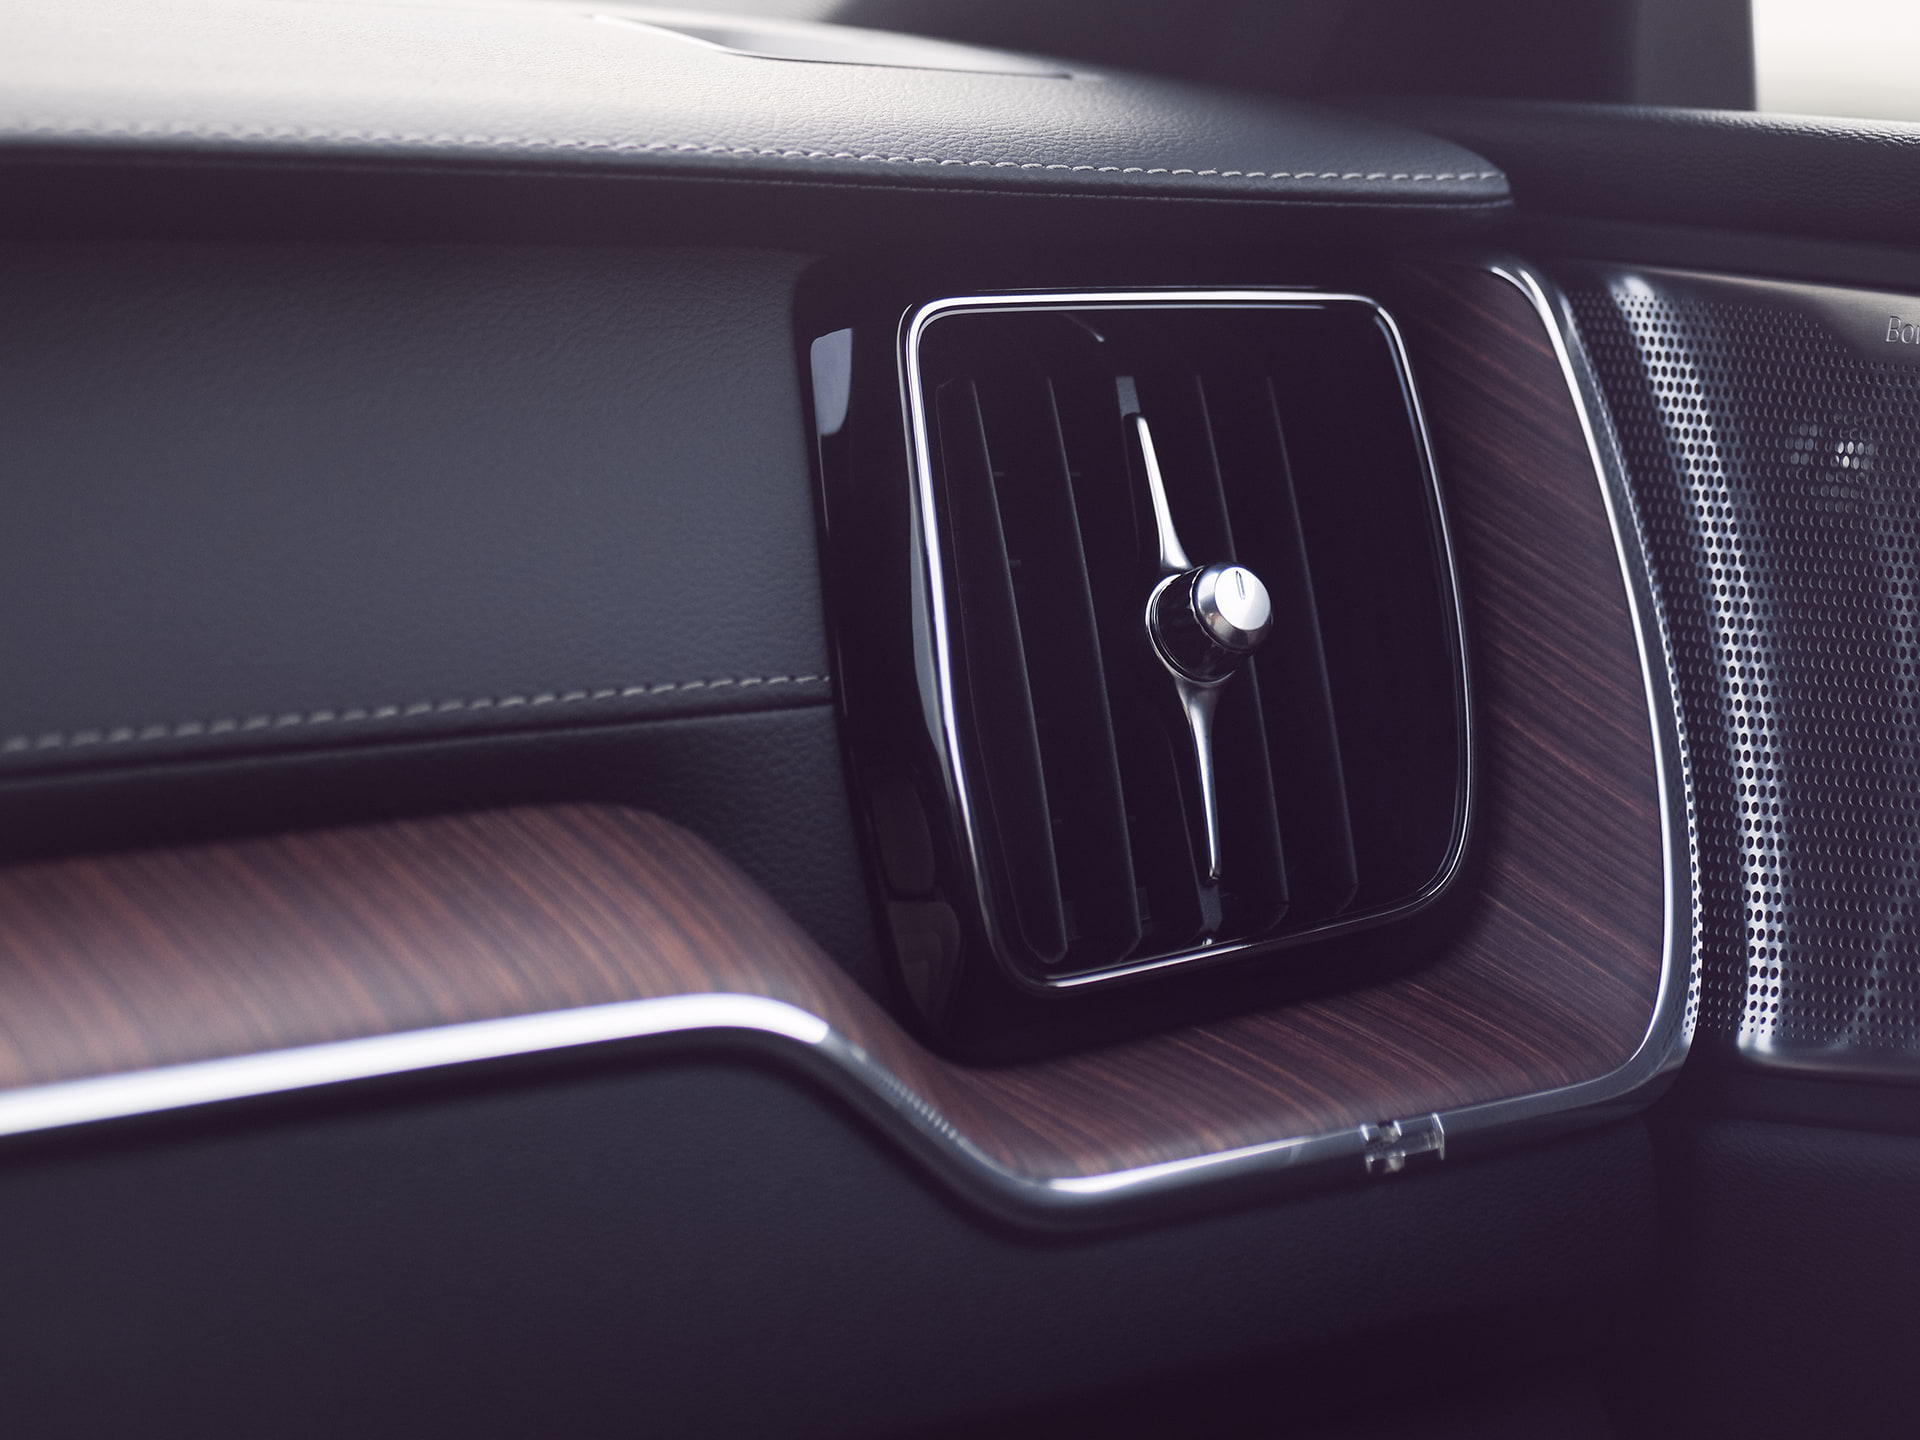 يساعدك جهاز تنقية الهواء المتقدم في فولفو XC60 بالاستمتاع بهواء صحي أكثر وبجودة أفضل أنت وركابك.